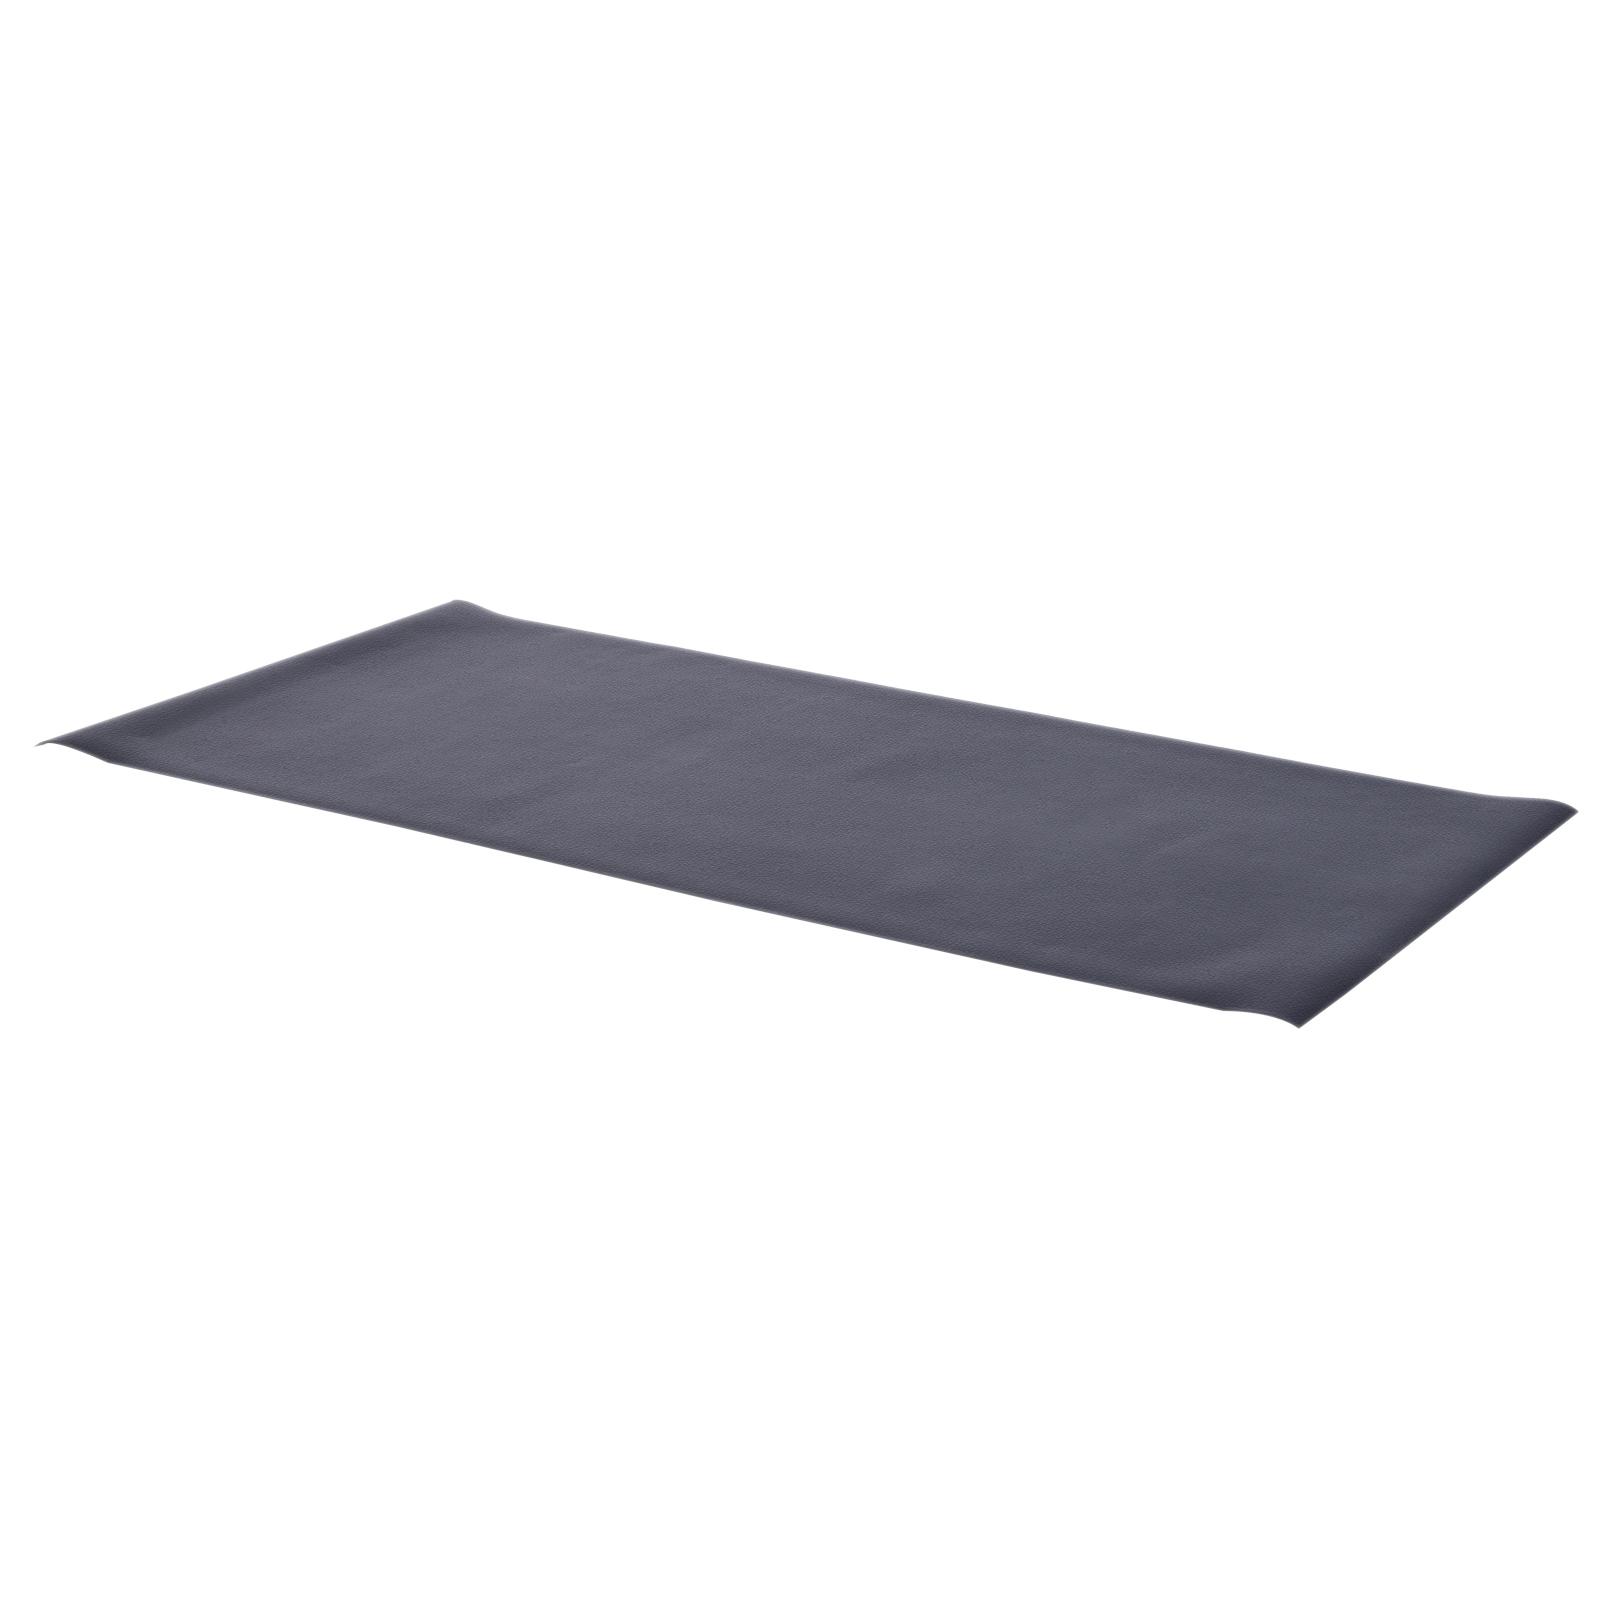 Esterilla-para-Aparato-de-Entrenamiento-Alfombra-de-Fitness-Protectora-Suelo-4mm miniatura 14